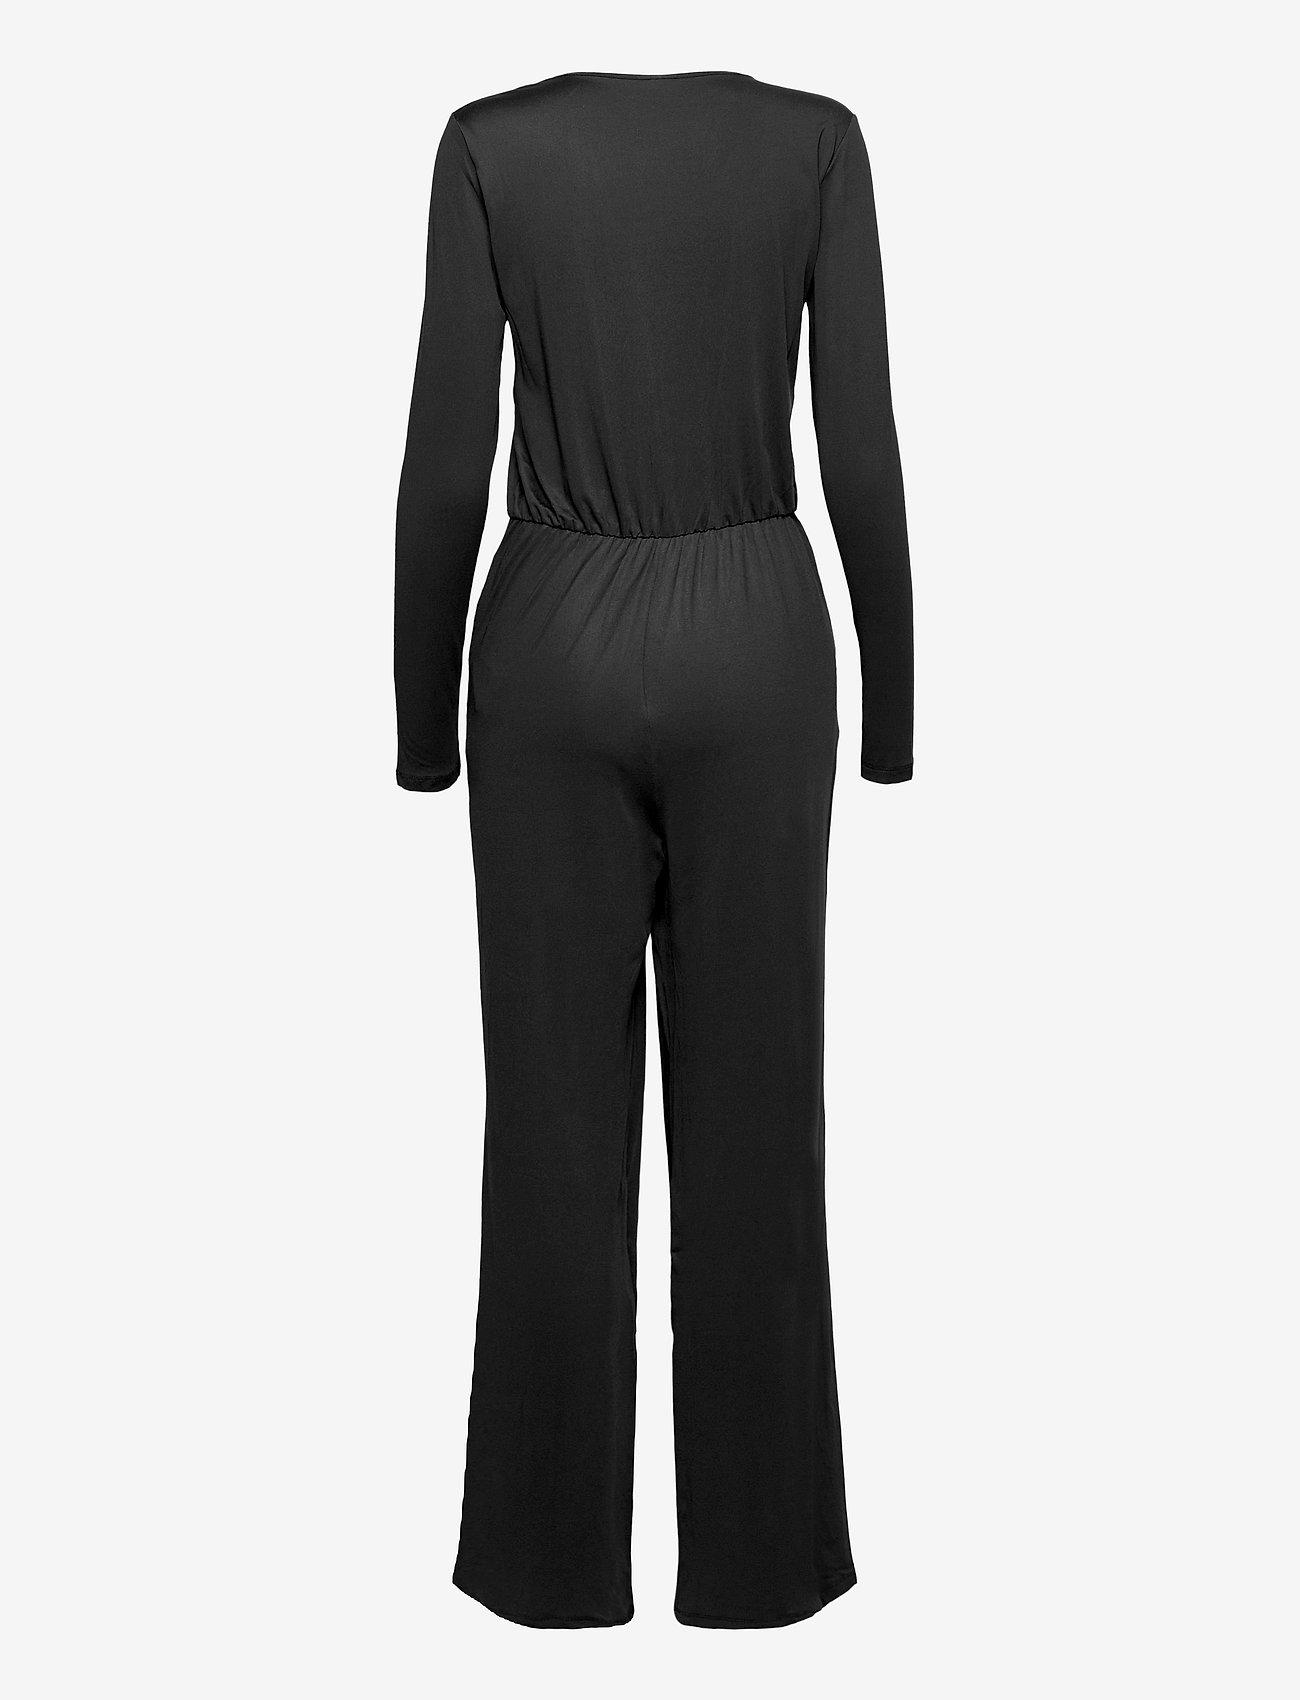 Vila - VILEOA 2/4 JUMPSUIT/OFW - jumpsuits - black - 1